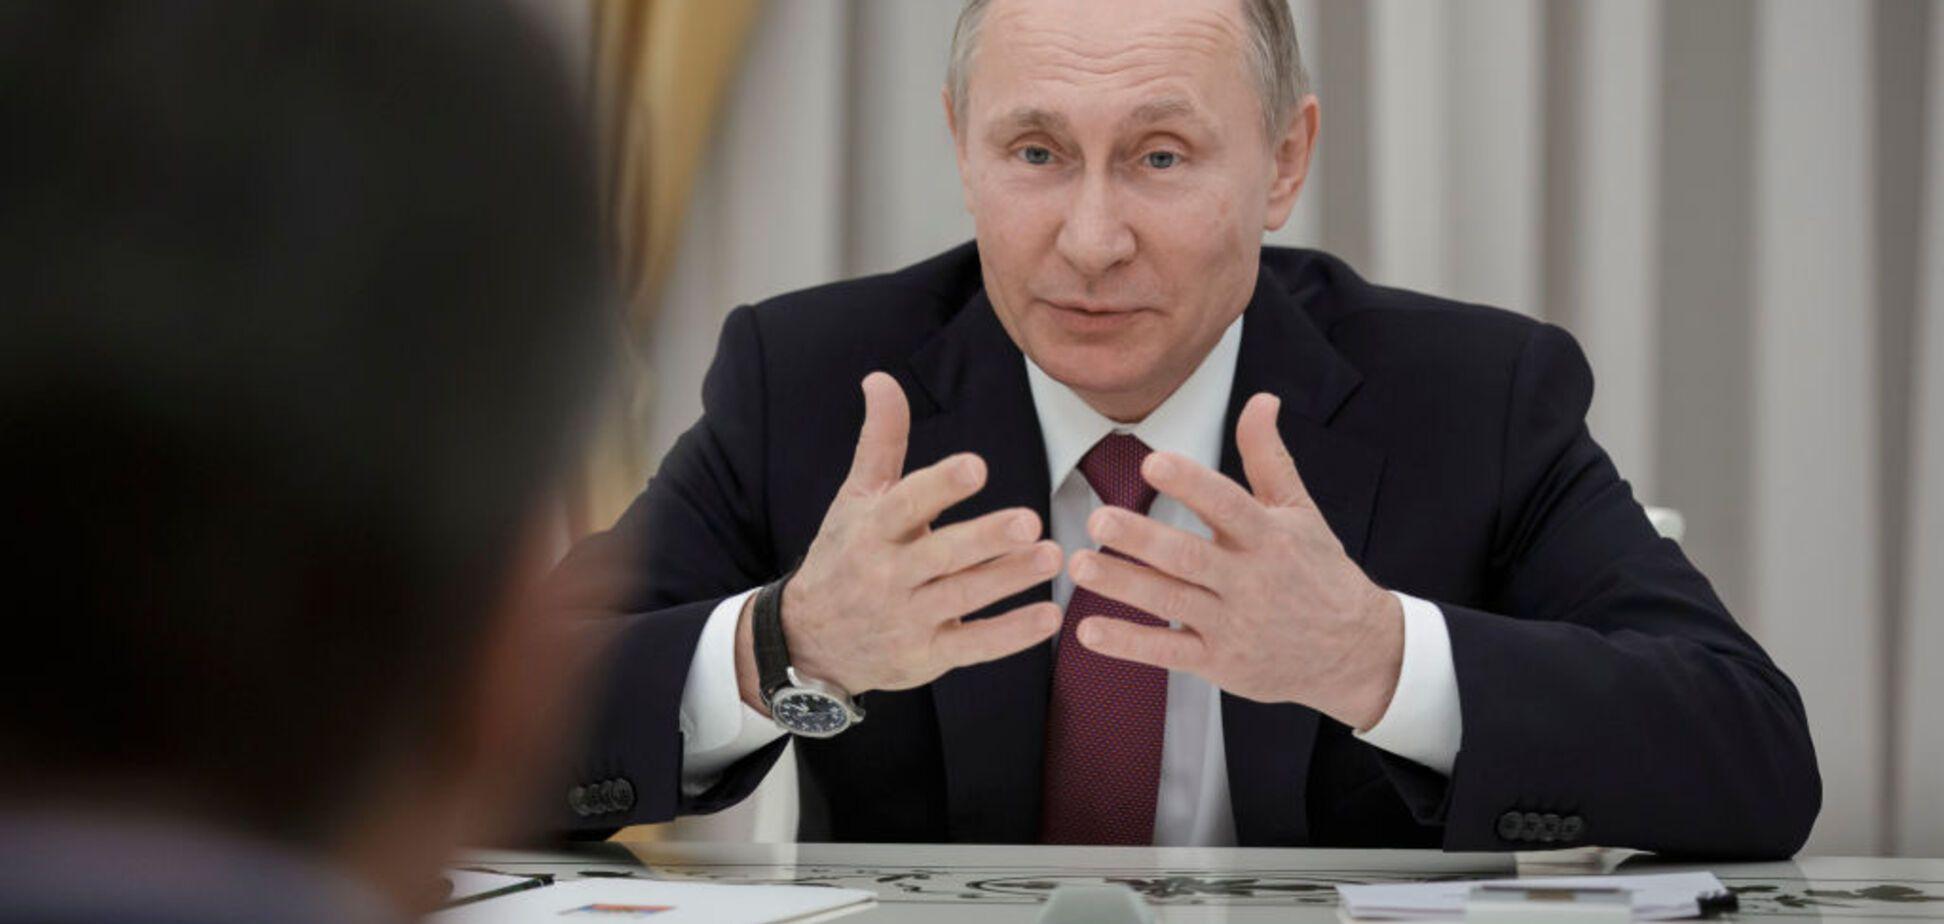 Путин признался, с кем на самом деле воюет на Донбассе: в России указали на важный нюанс